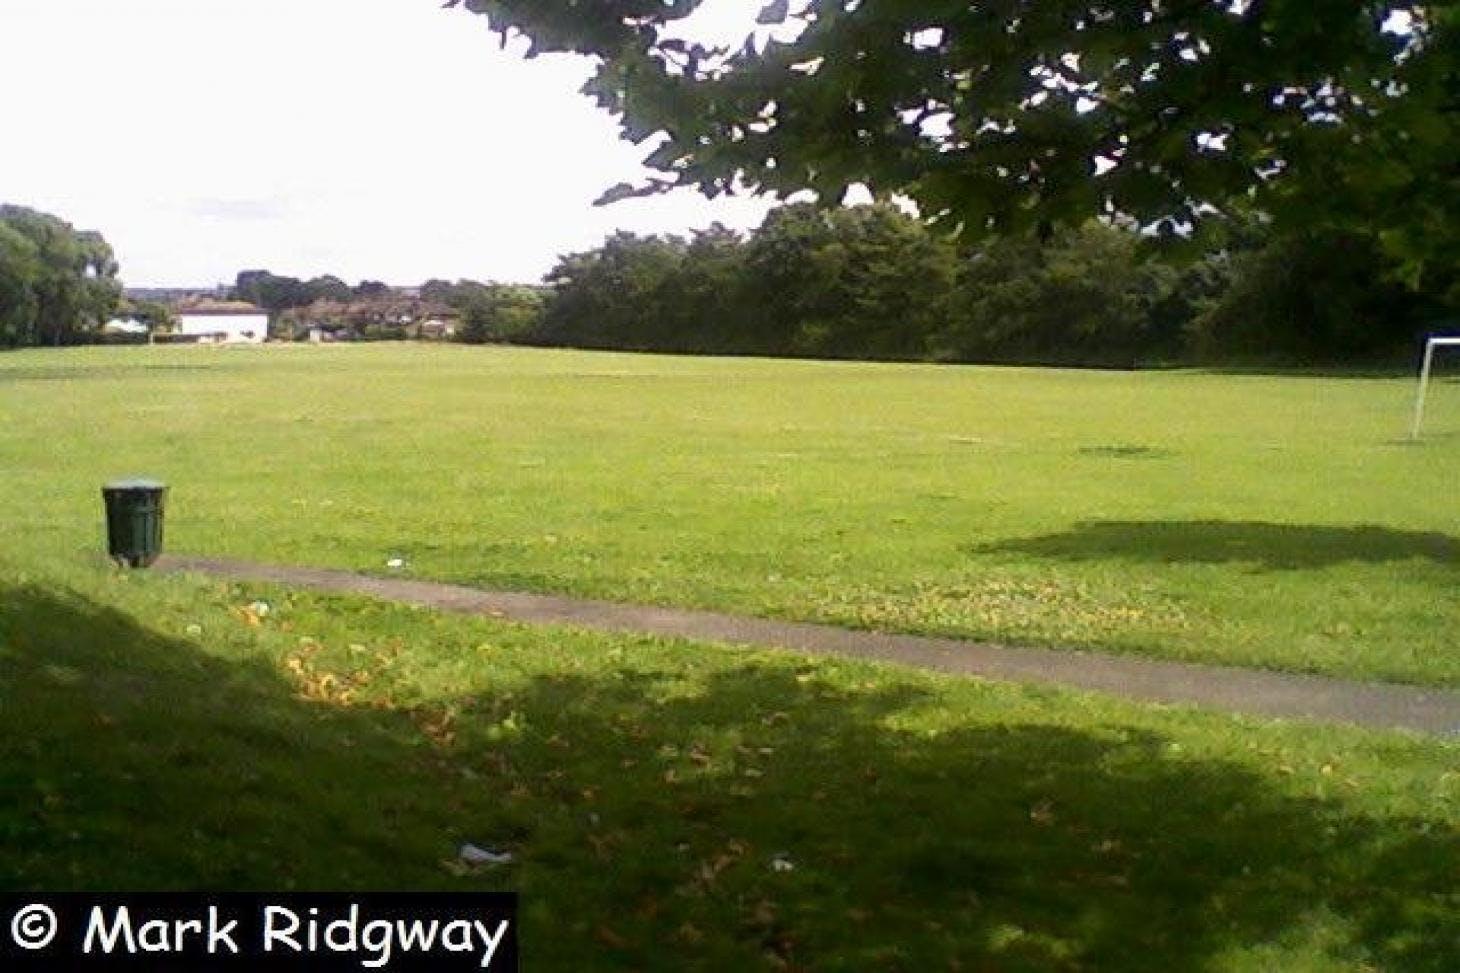 Selsdon Recreation Ground Outdoor | Hard (macadam) tennis court